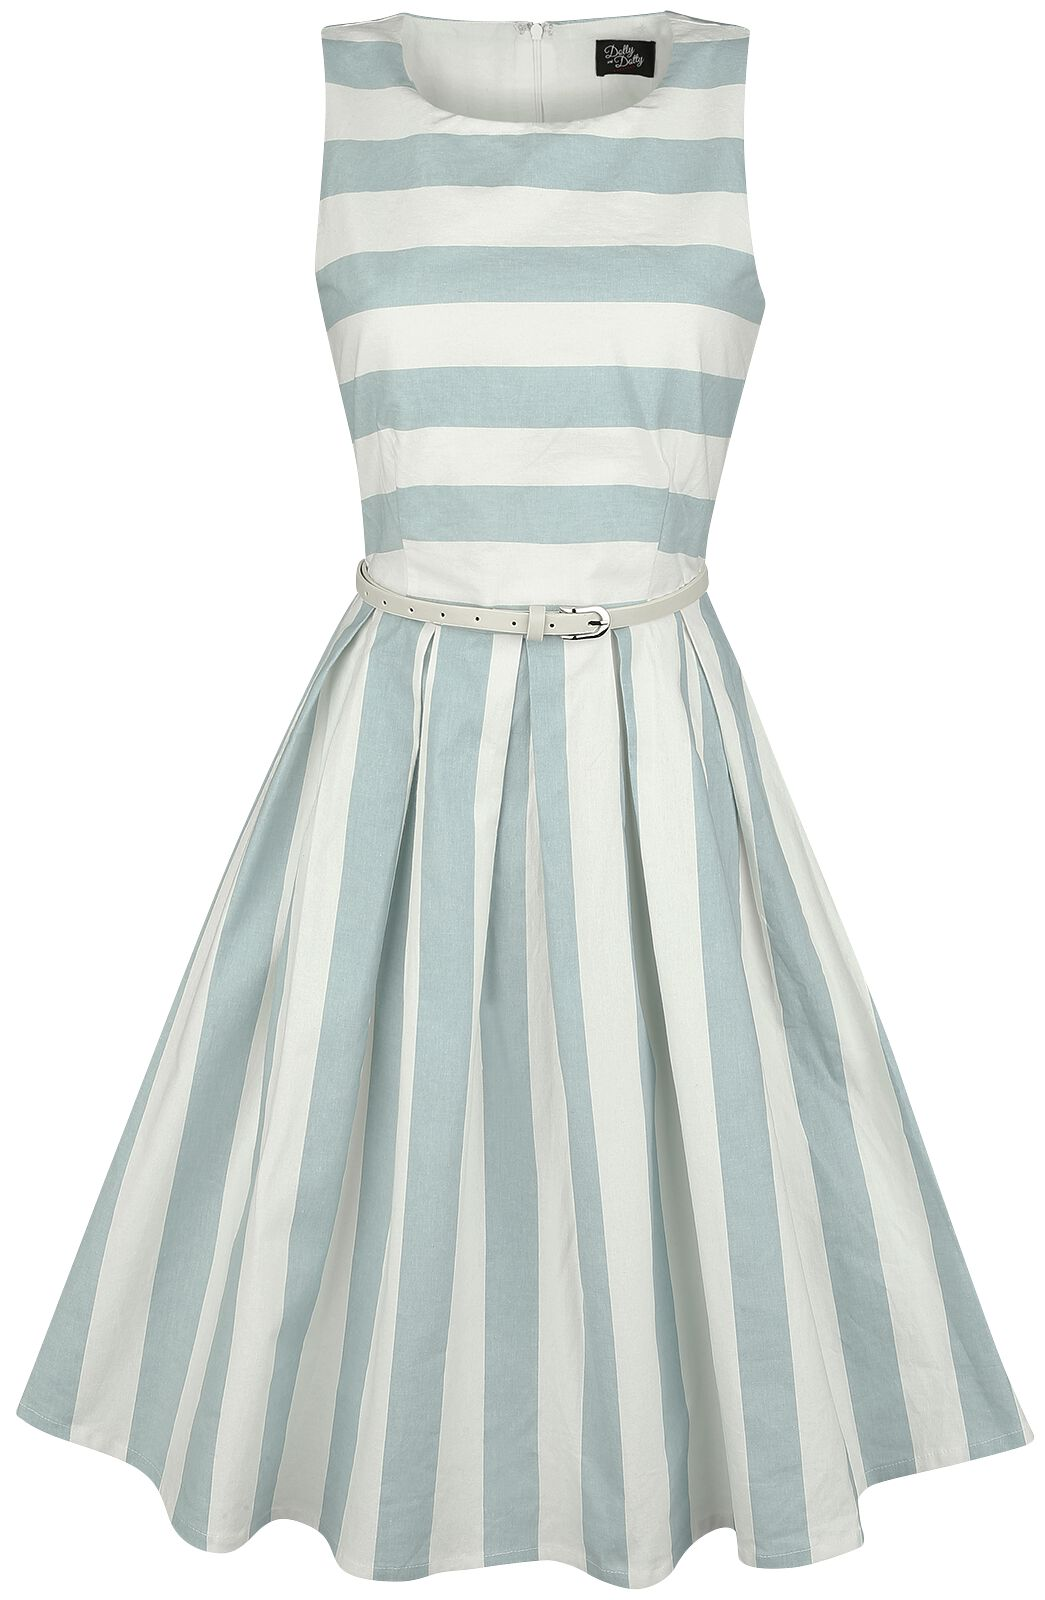 Marki - Sukienki - Sukienka Dolly and Dotty Pale Blue Stripe Dress Sukienka miętowy/biały - 360760